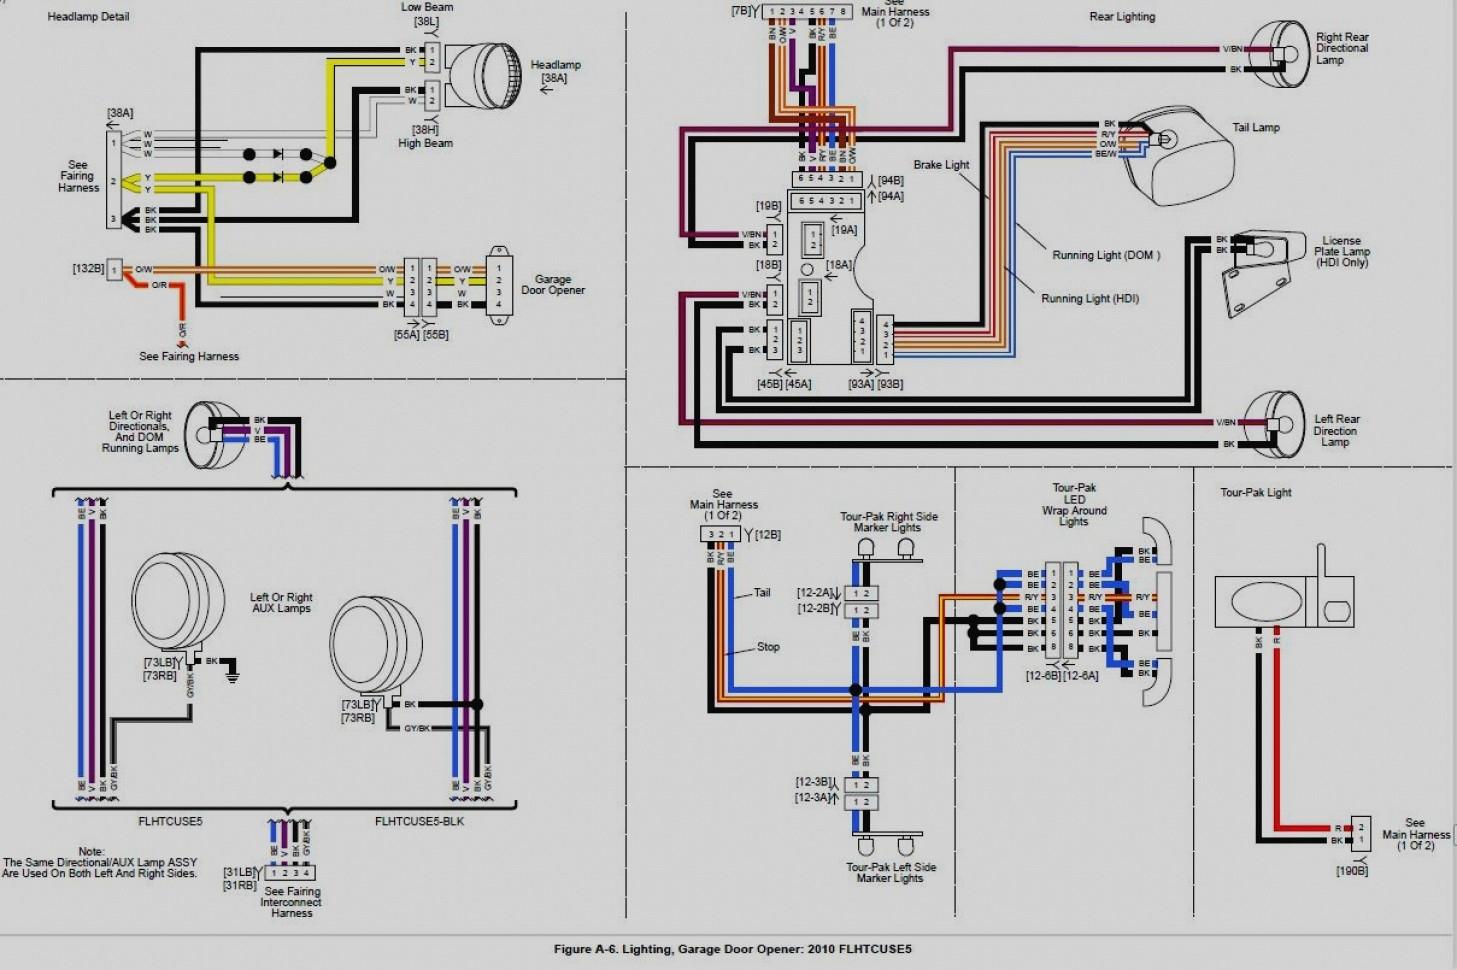 commercial garage door opener wiring diagram | free wiring ... commercial garage door opener wiring